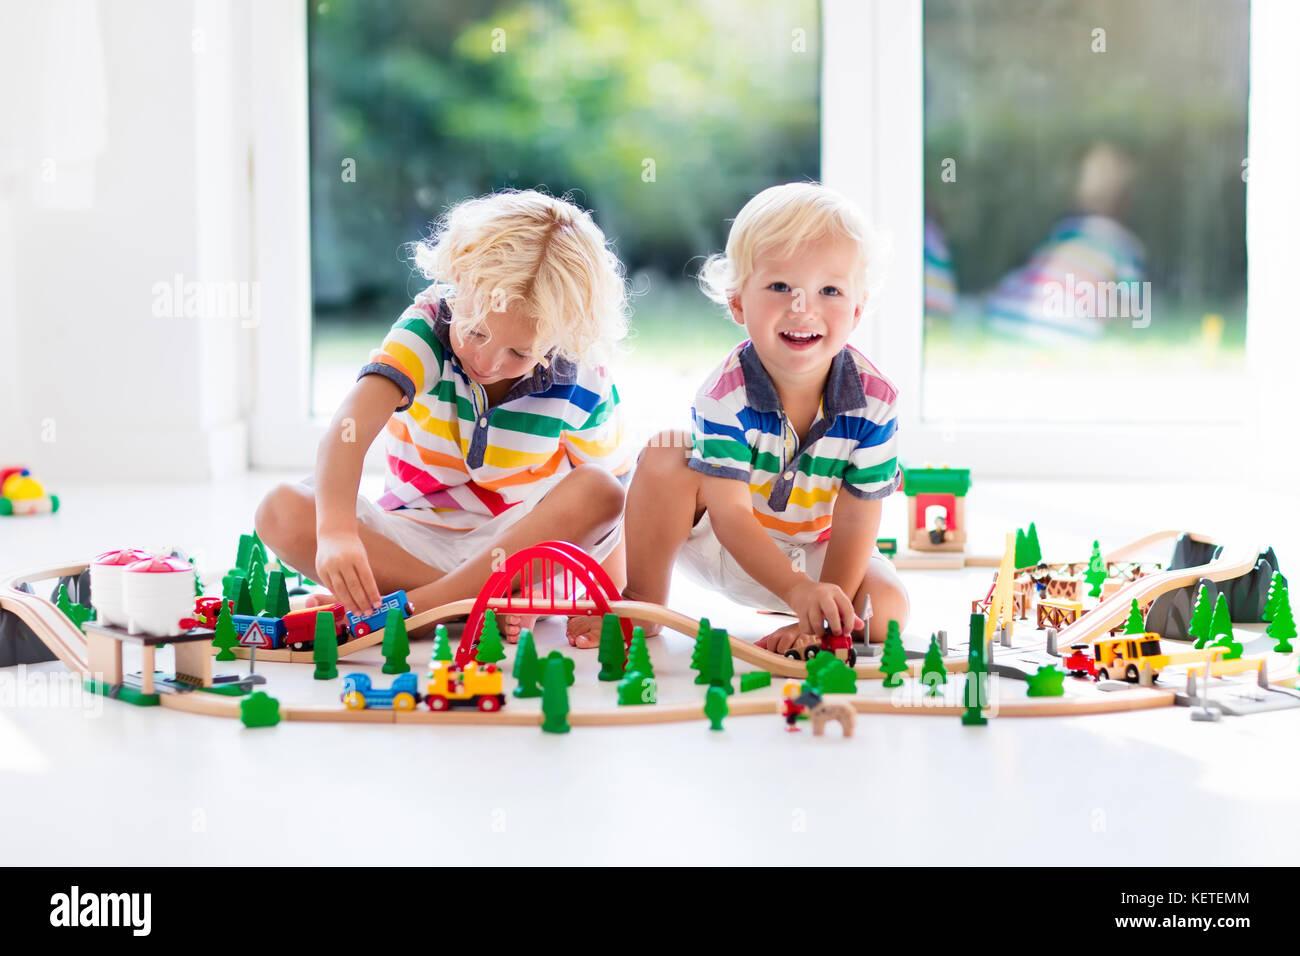 JugueteJugando El Juegan Tren De Con Niños Los BWxeQCord